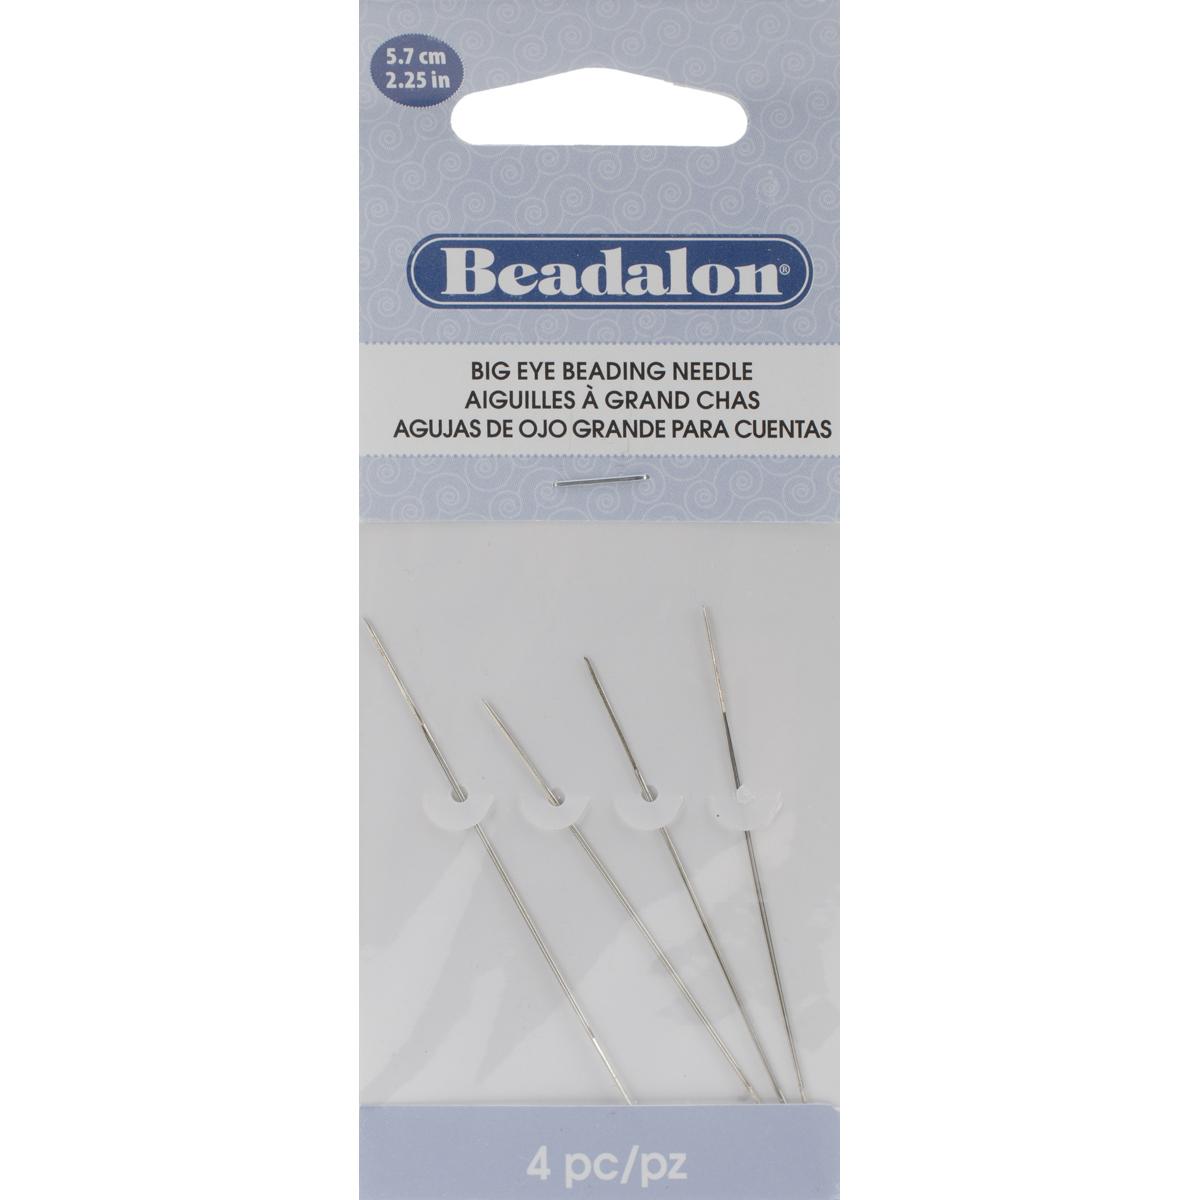 Beadalon Big Eye Beading Needle